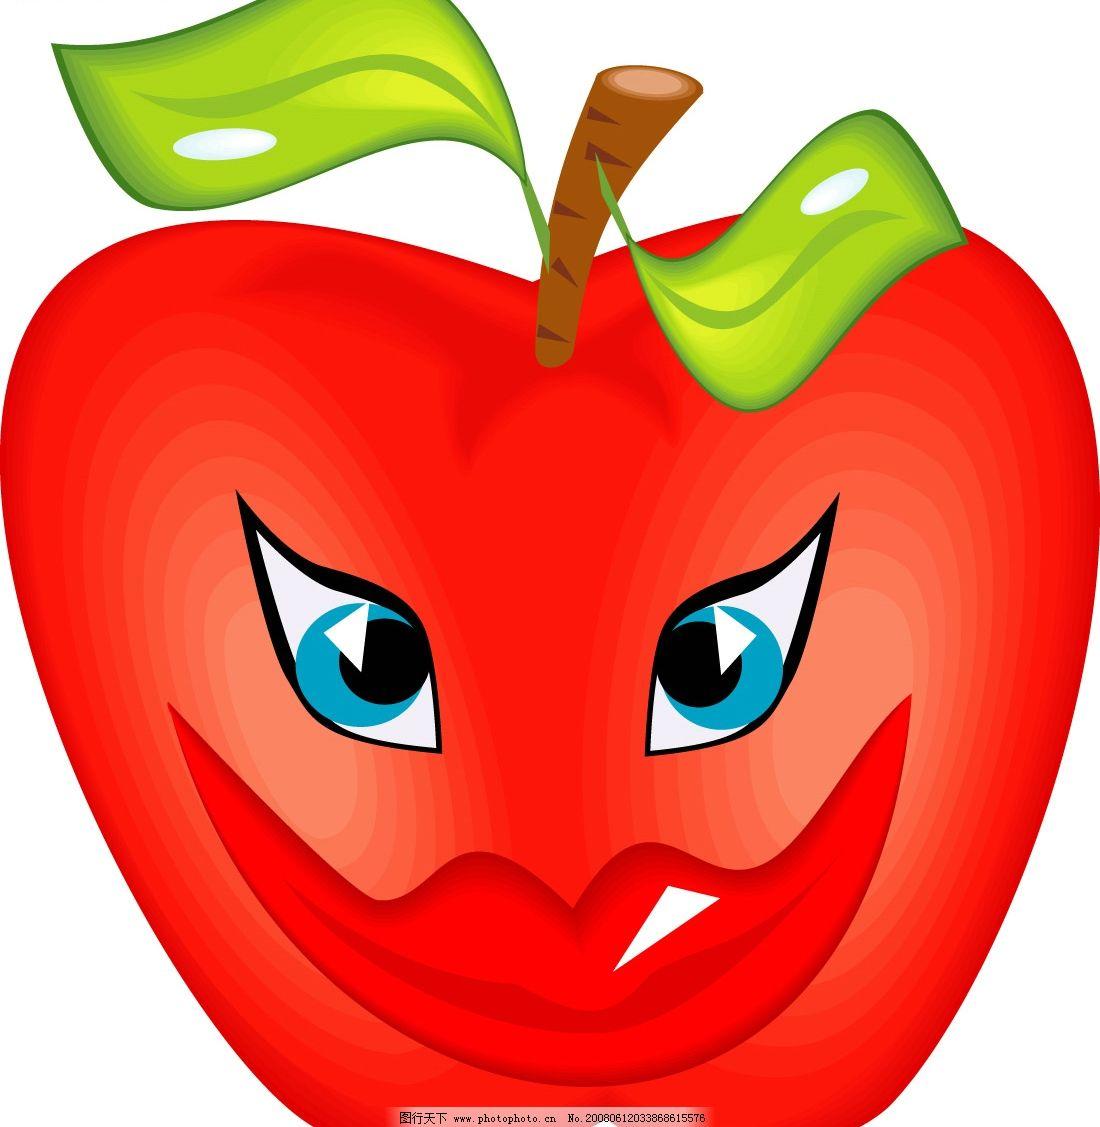 可爱卡通 苹果 其他矢量